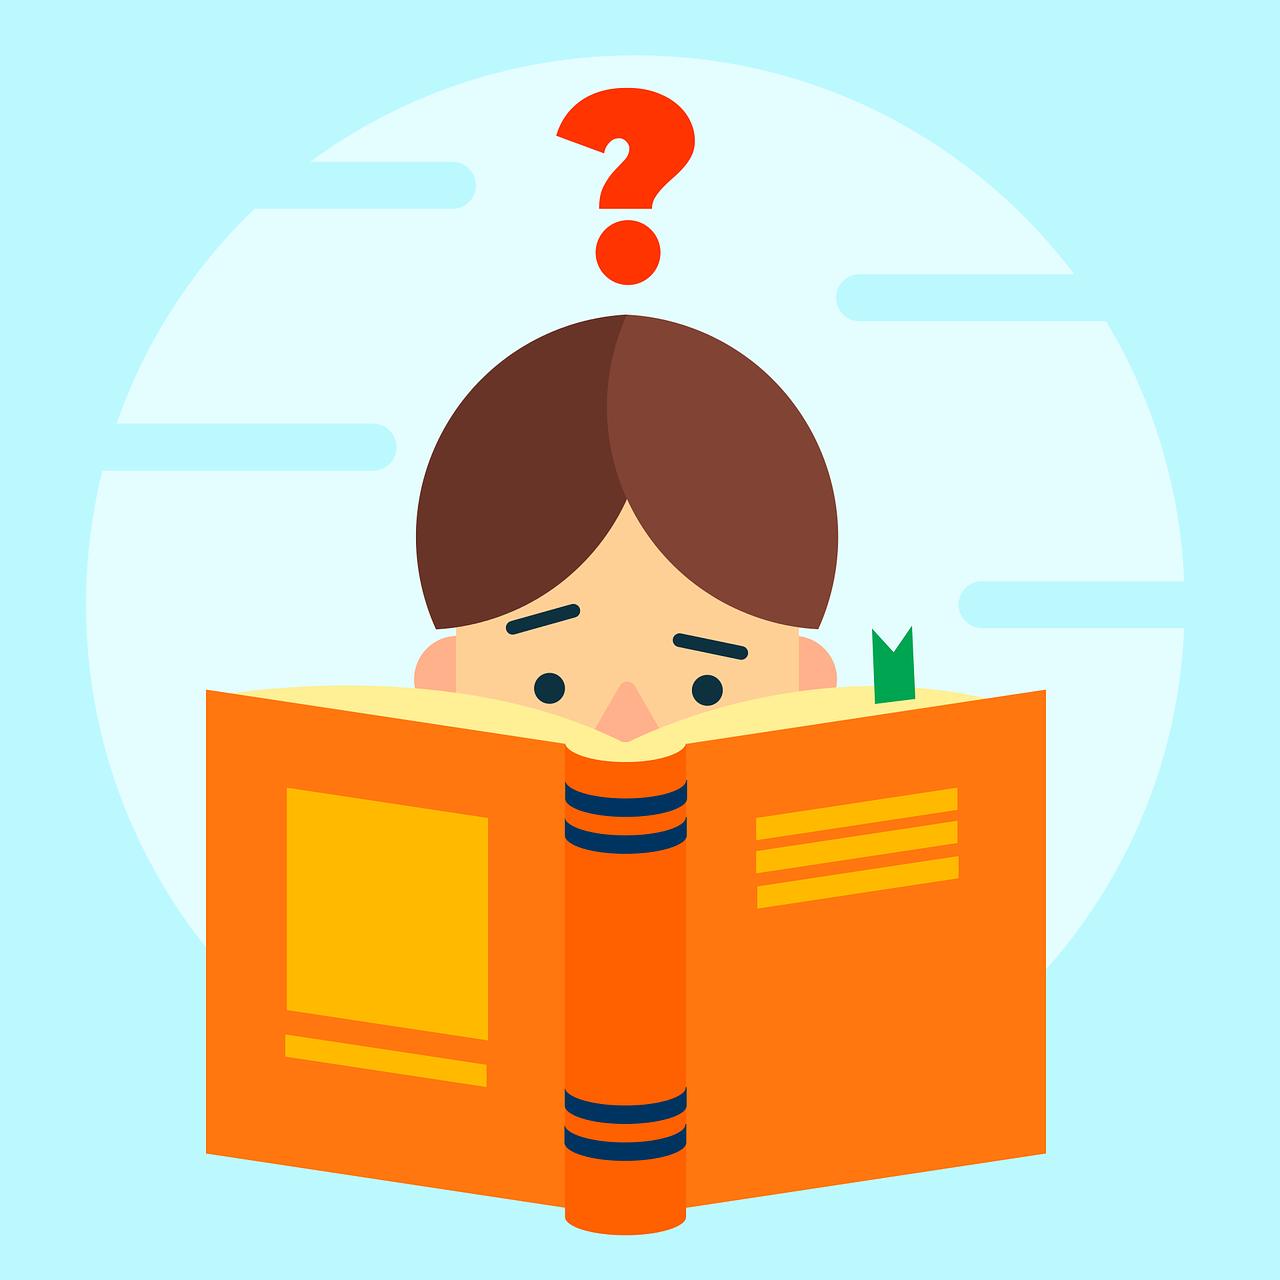 Zeichnung einer jungen Leserin, die ein Buch vors Gesicht hält und über deren Kopf ein Fragezeichen schwebt.